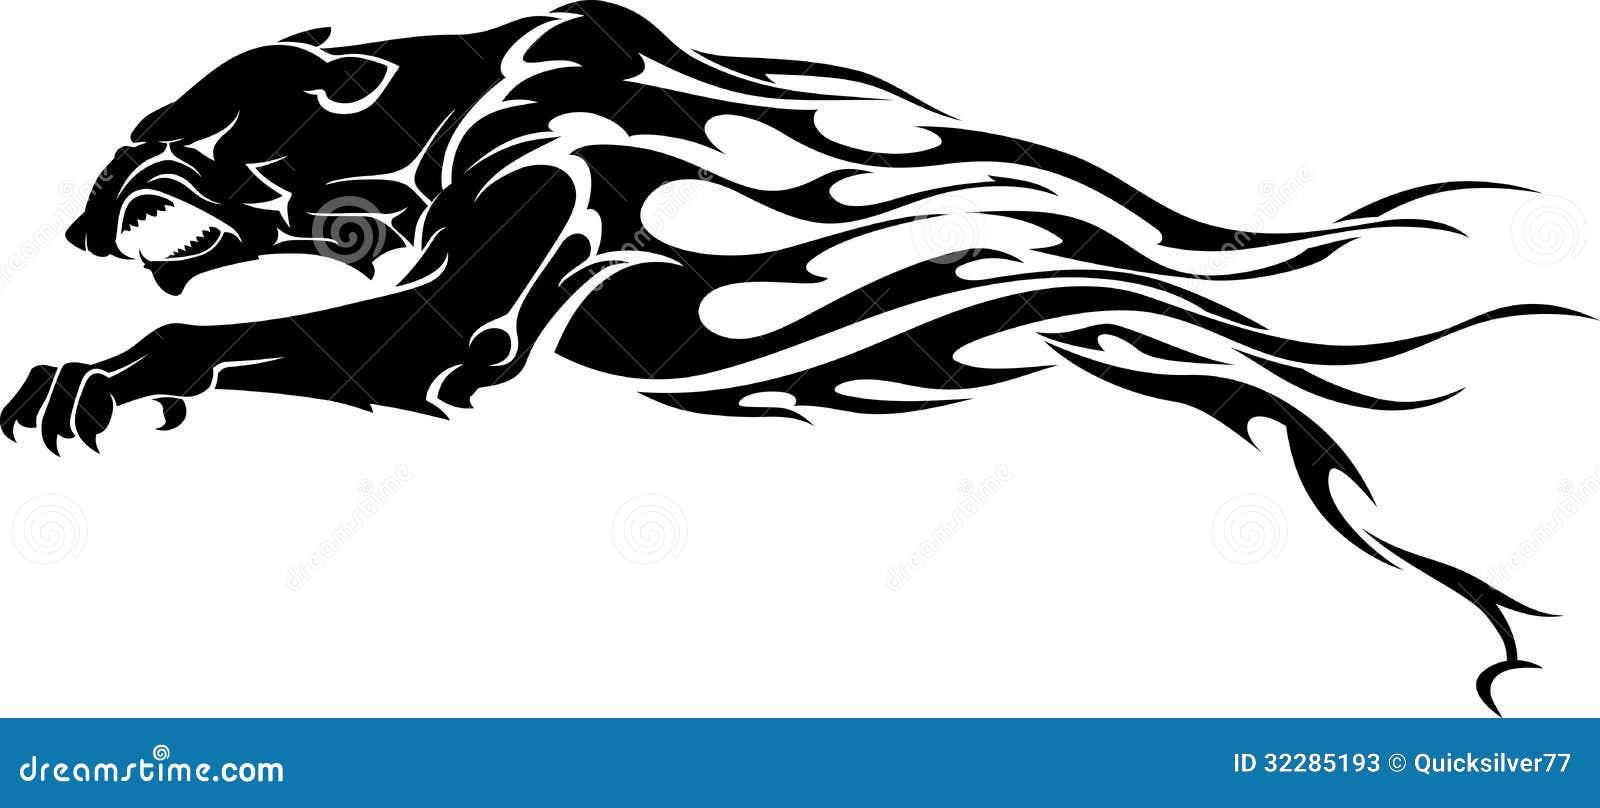 рисунок пантеры для тату